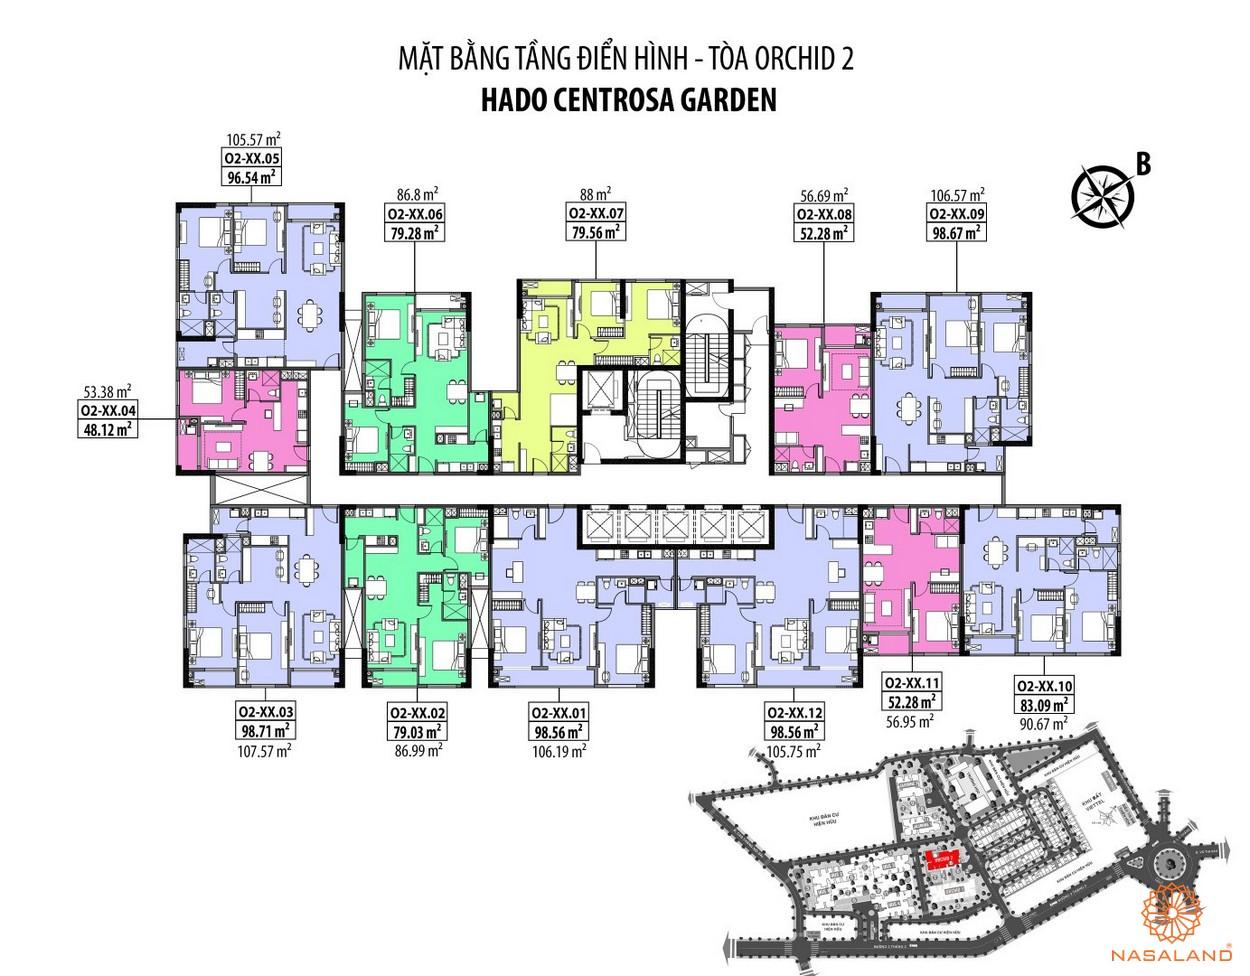 Mặt bằng Hà Đô Centrosa căn hộ tằng điển hinh - tòa Orchid 2